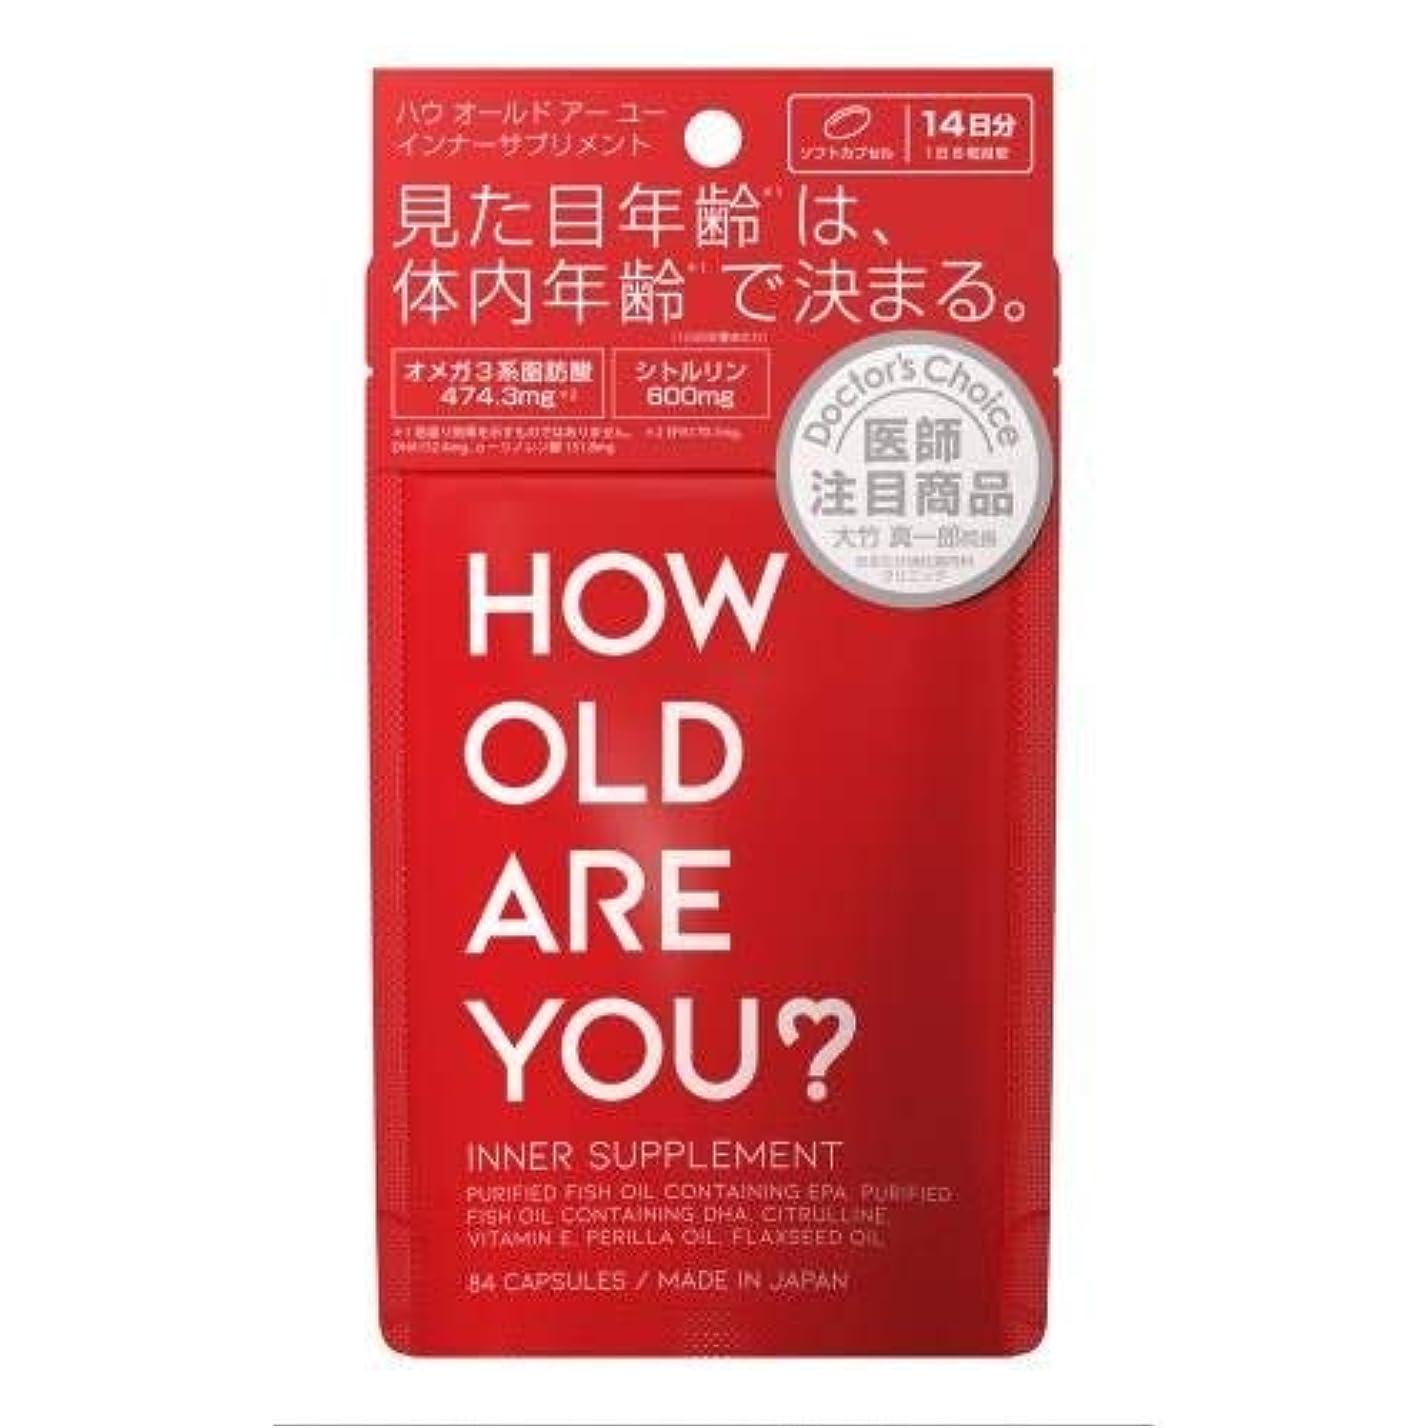 悪意のある砂漠遊び場【6個セット】HOW OLD ARE YOU?インナーサプリメント 84粒